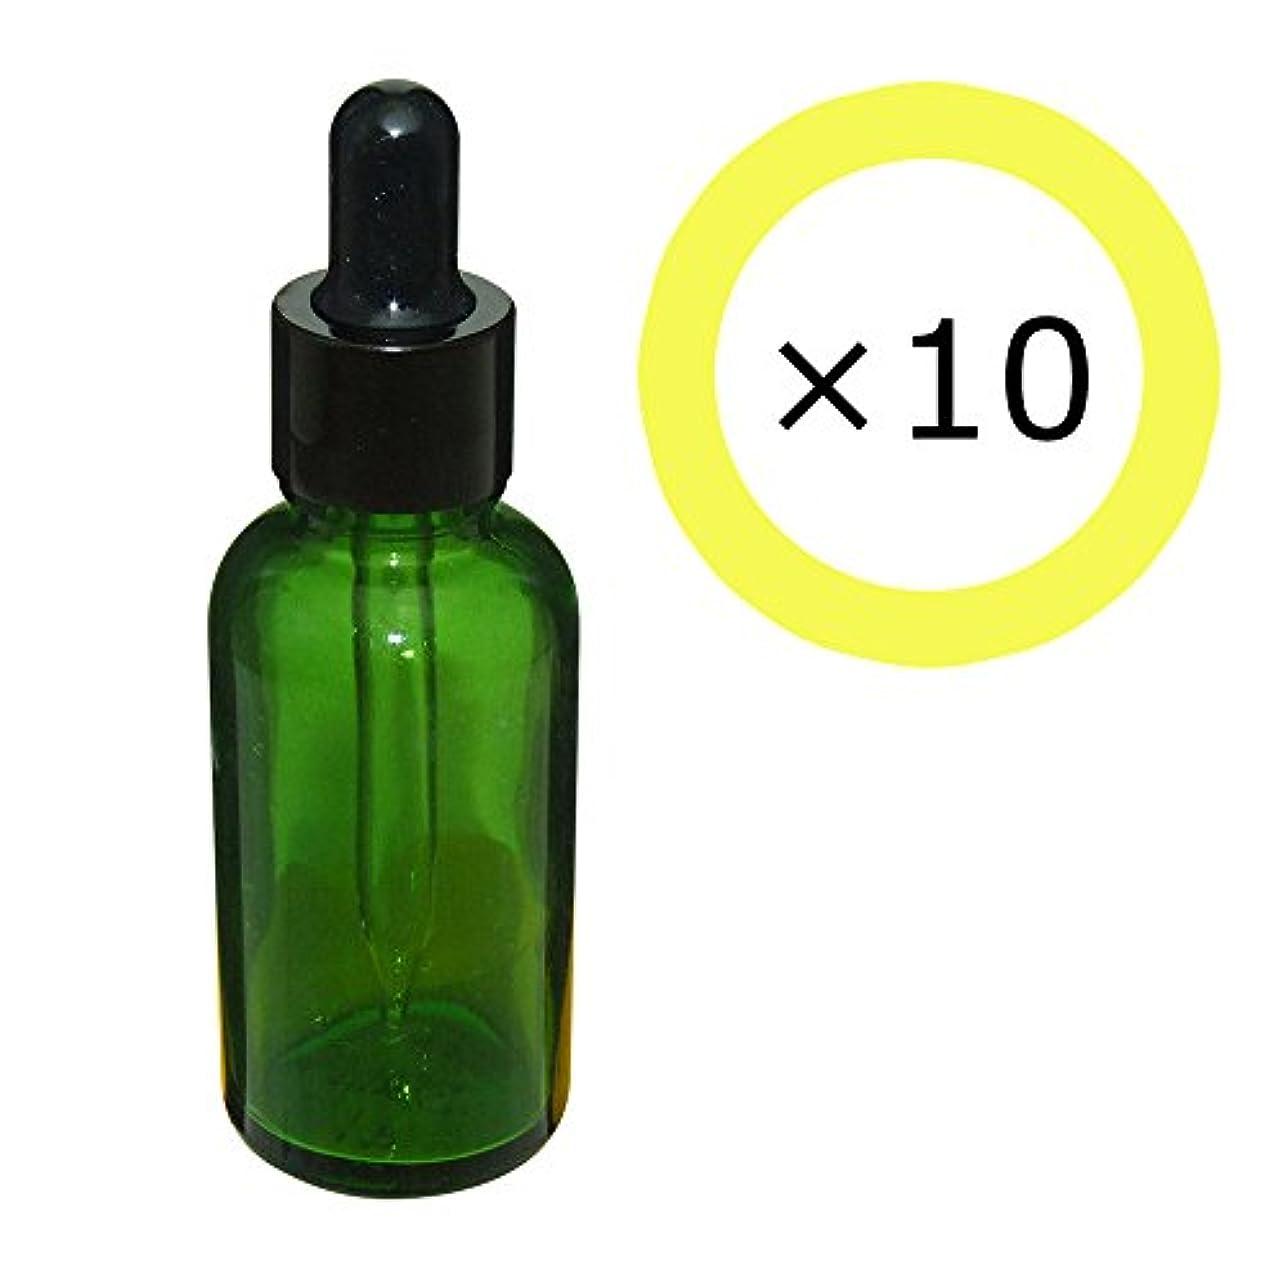 安全性オセアニア傾向があるガレージ?ゼロ 遮光ガラス スポイド瓶 先細タイプ 緑 30ml×10個/アロマ保存